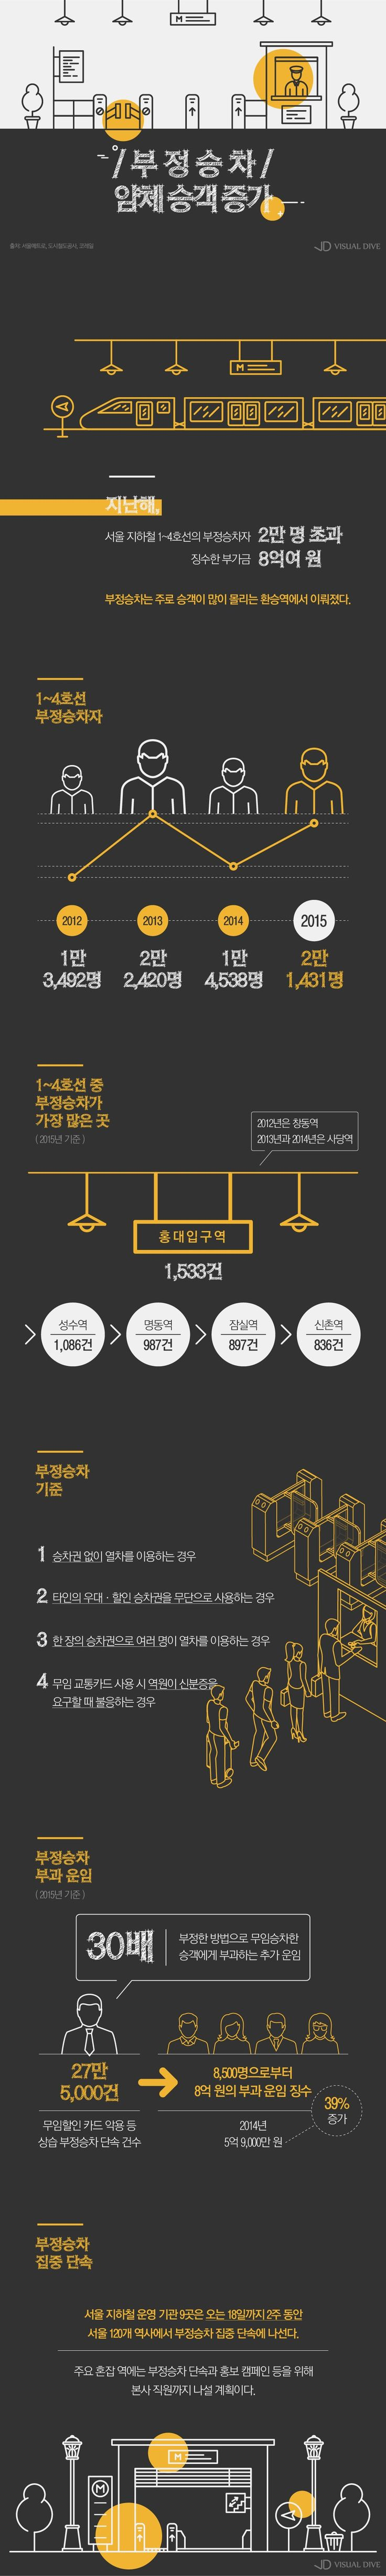 지하철 부정승차 승객 증가…7일부터 집중단속 실시 [인포그래픽] #metro / #Infographic ⓒ 비주얼다이브 무단 복사·전재·재배포 금지